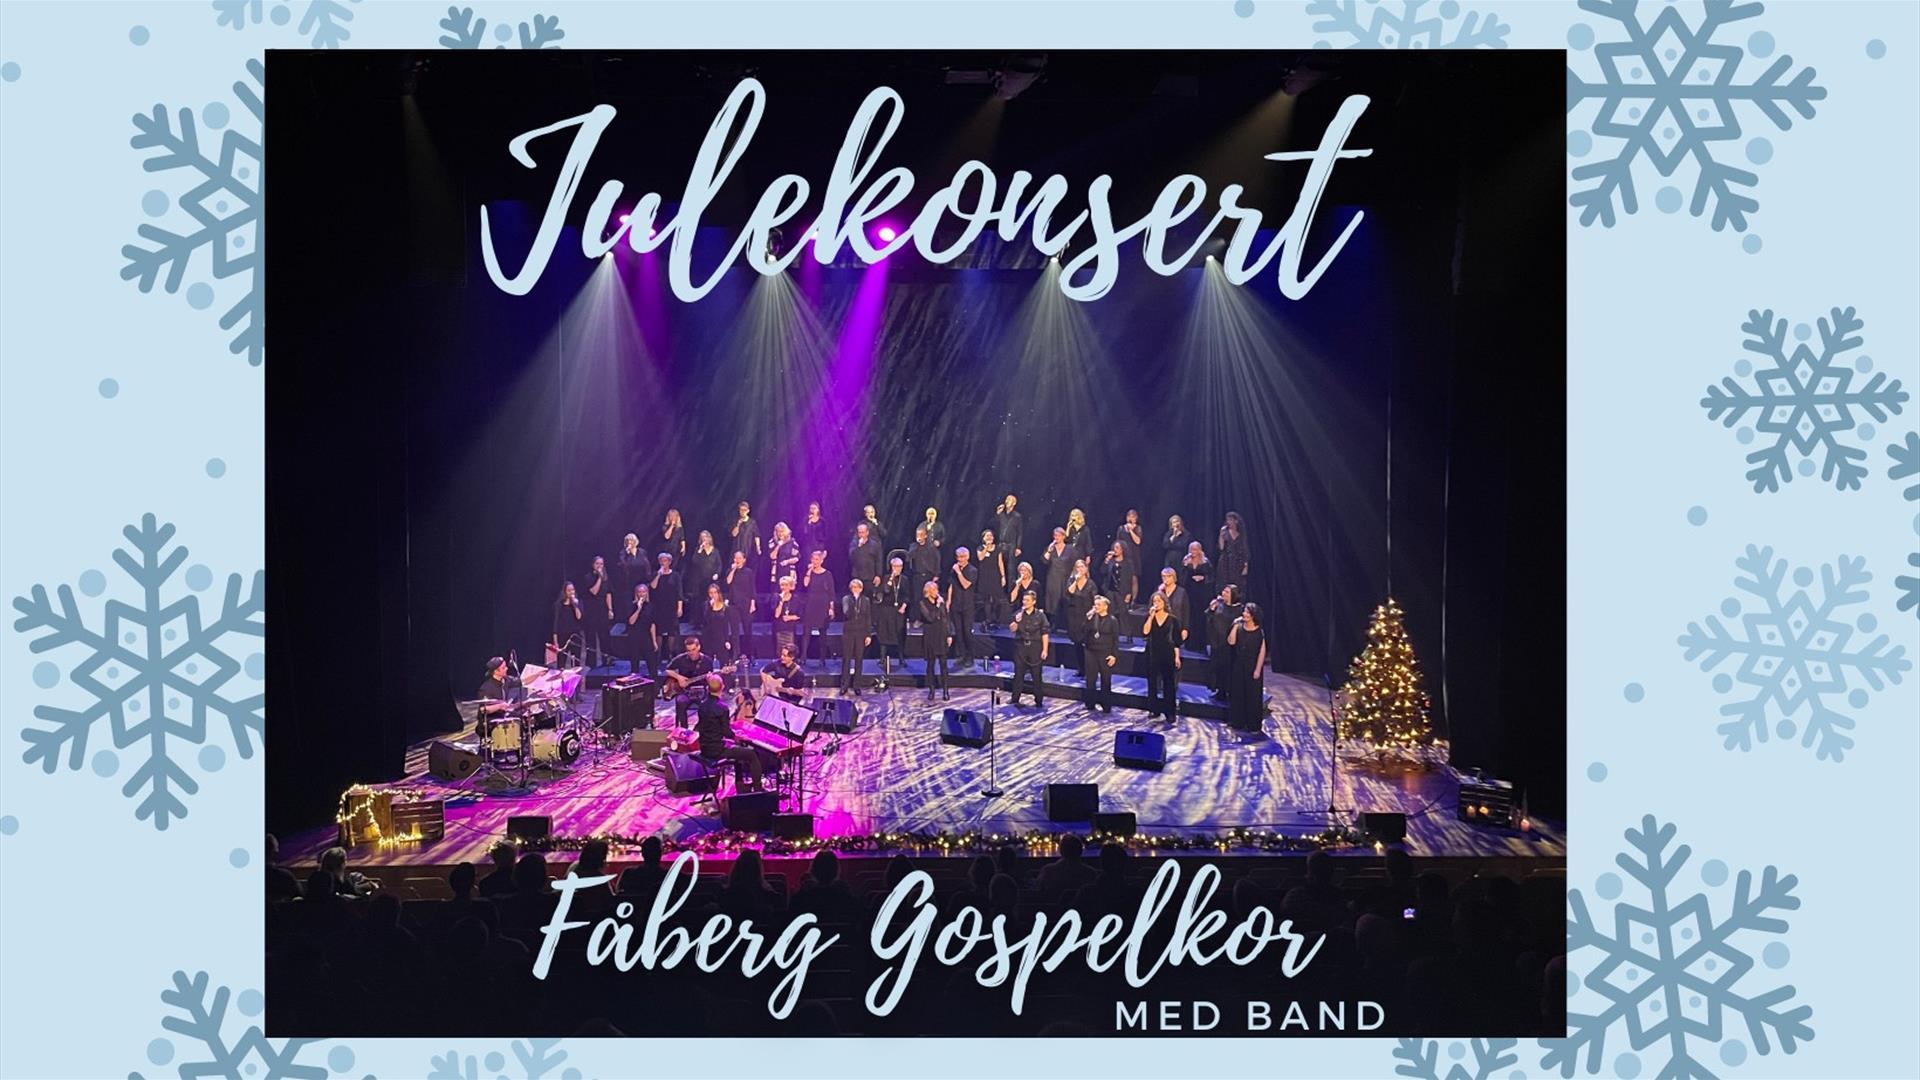 Fåberg Gospelkor